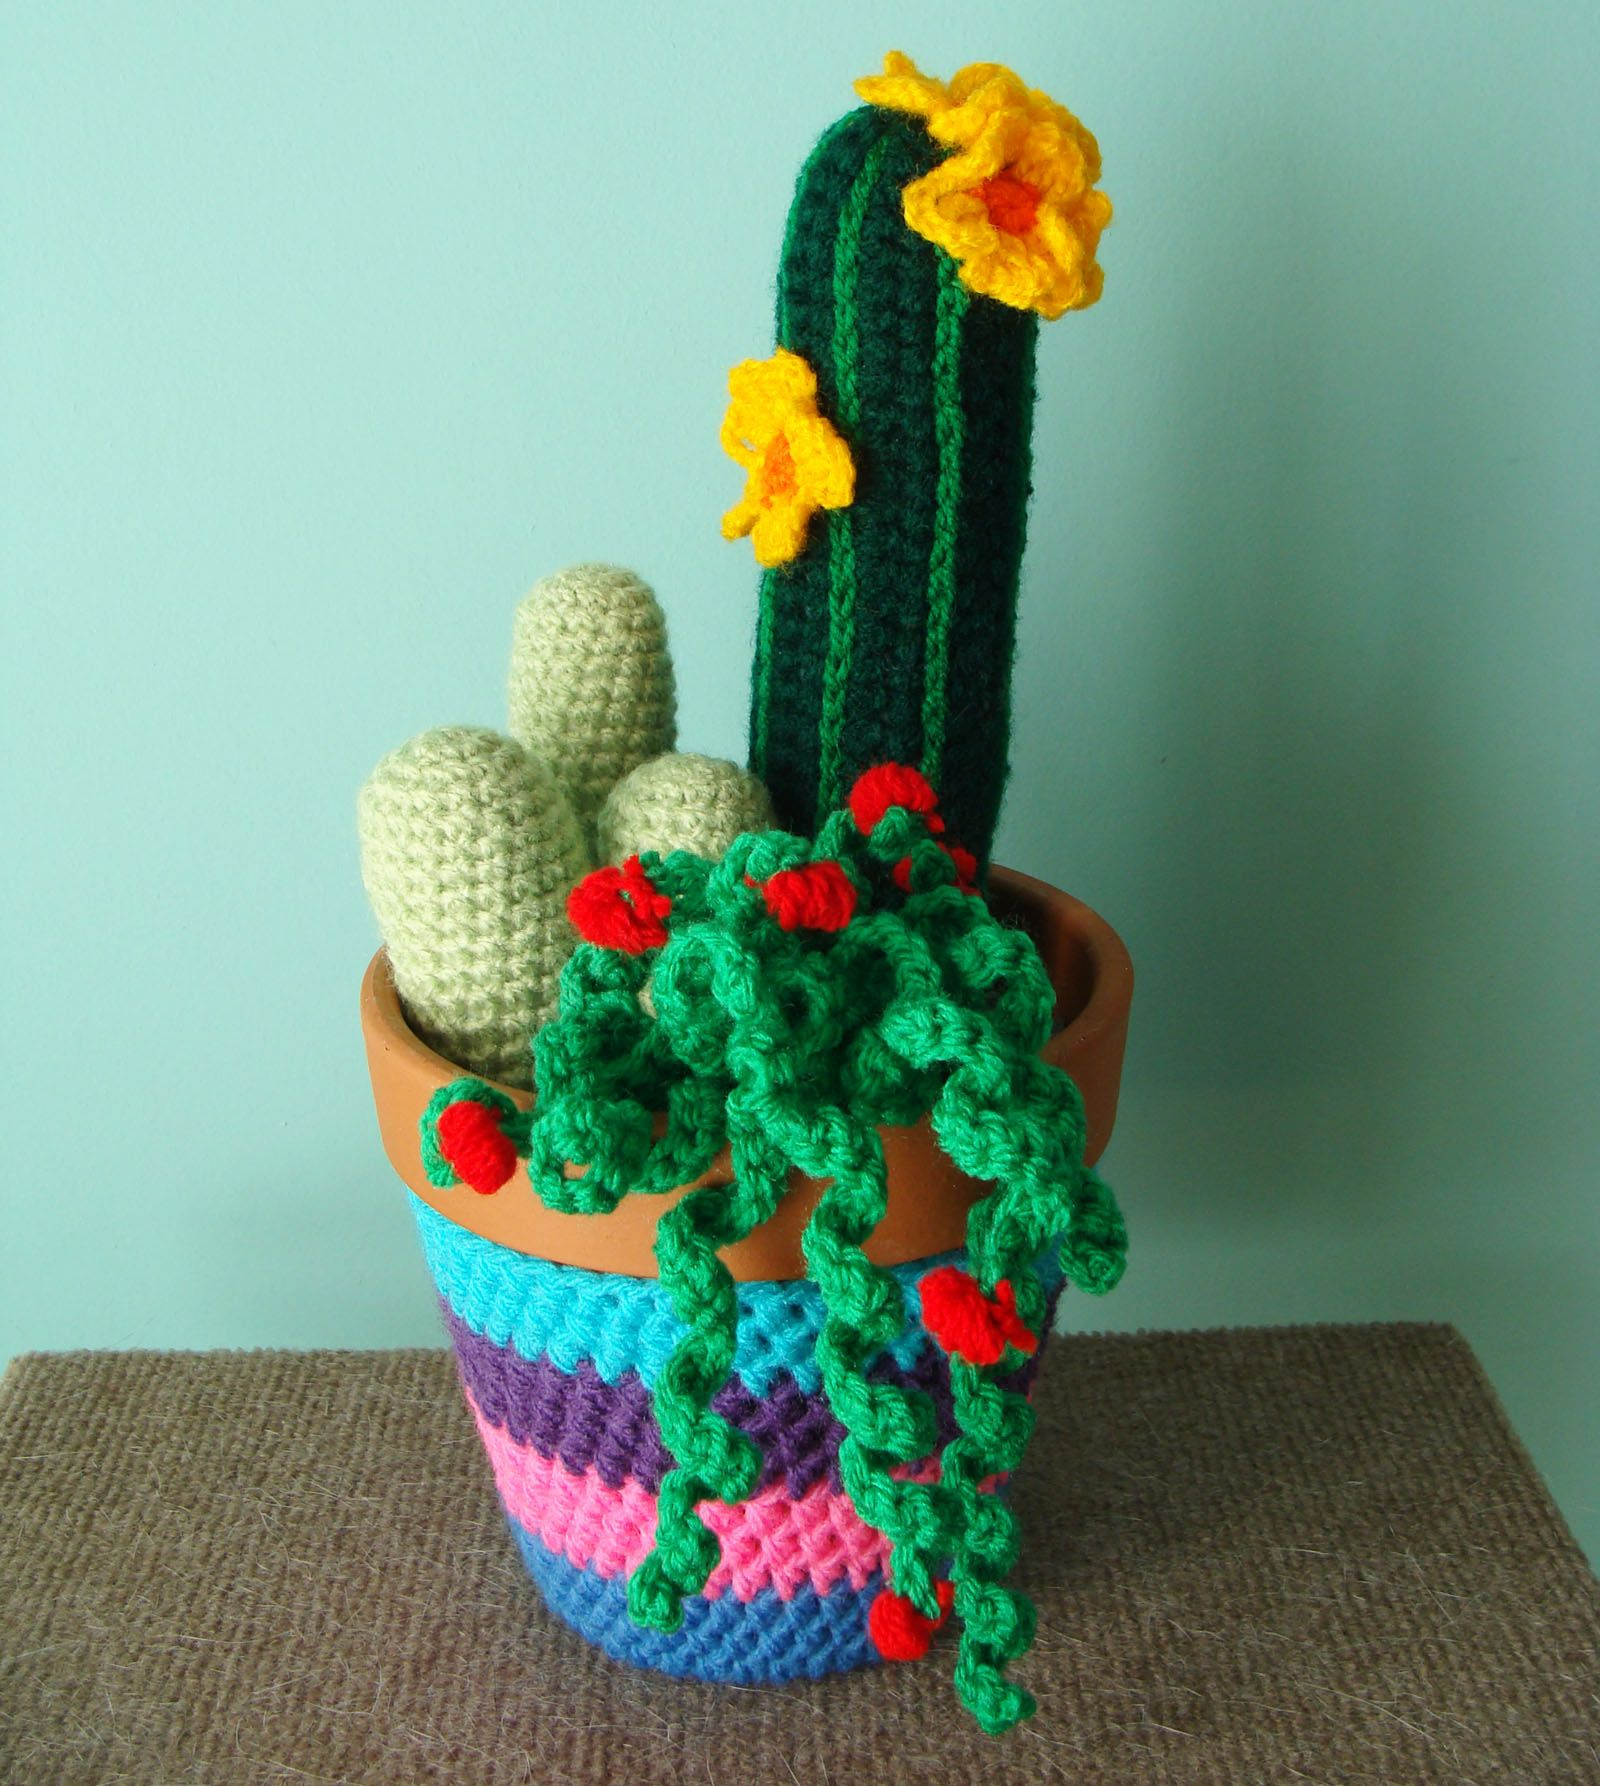 Cactus Fantasia Amigurumi Tejidos A Crochet : Cactus tejido fiori Pinterest Cactus y Tejido